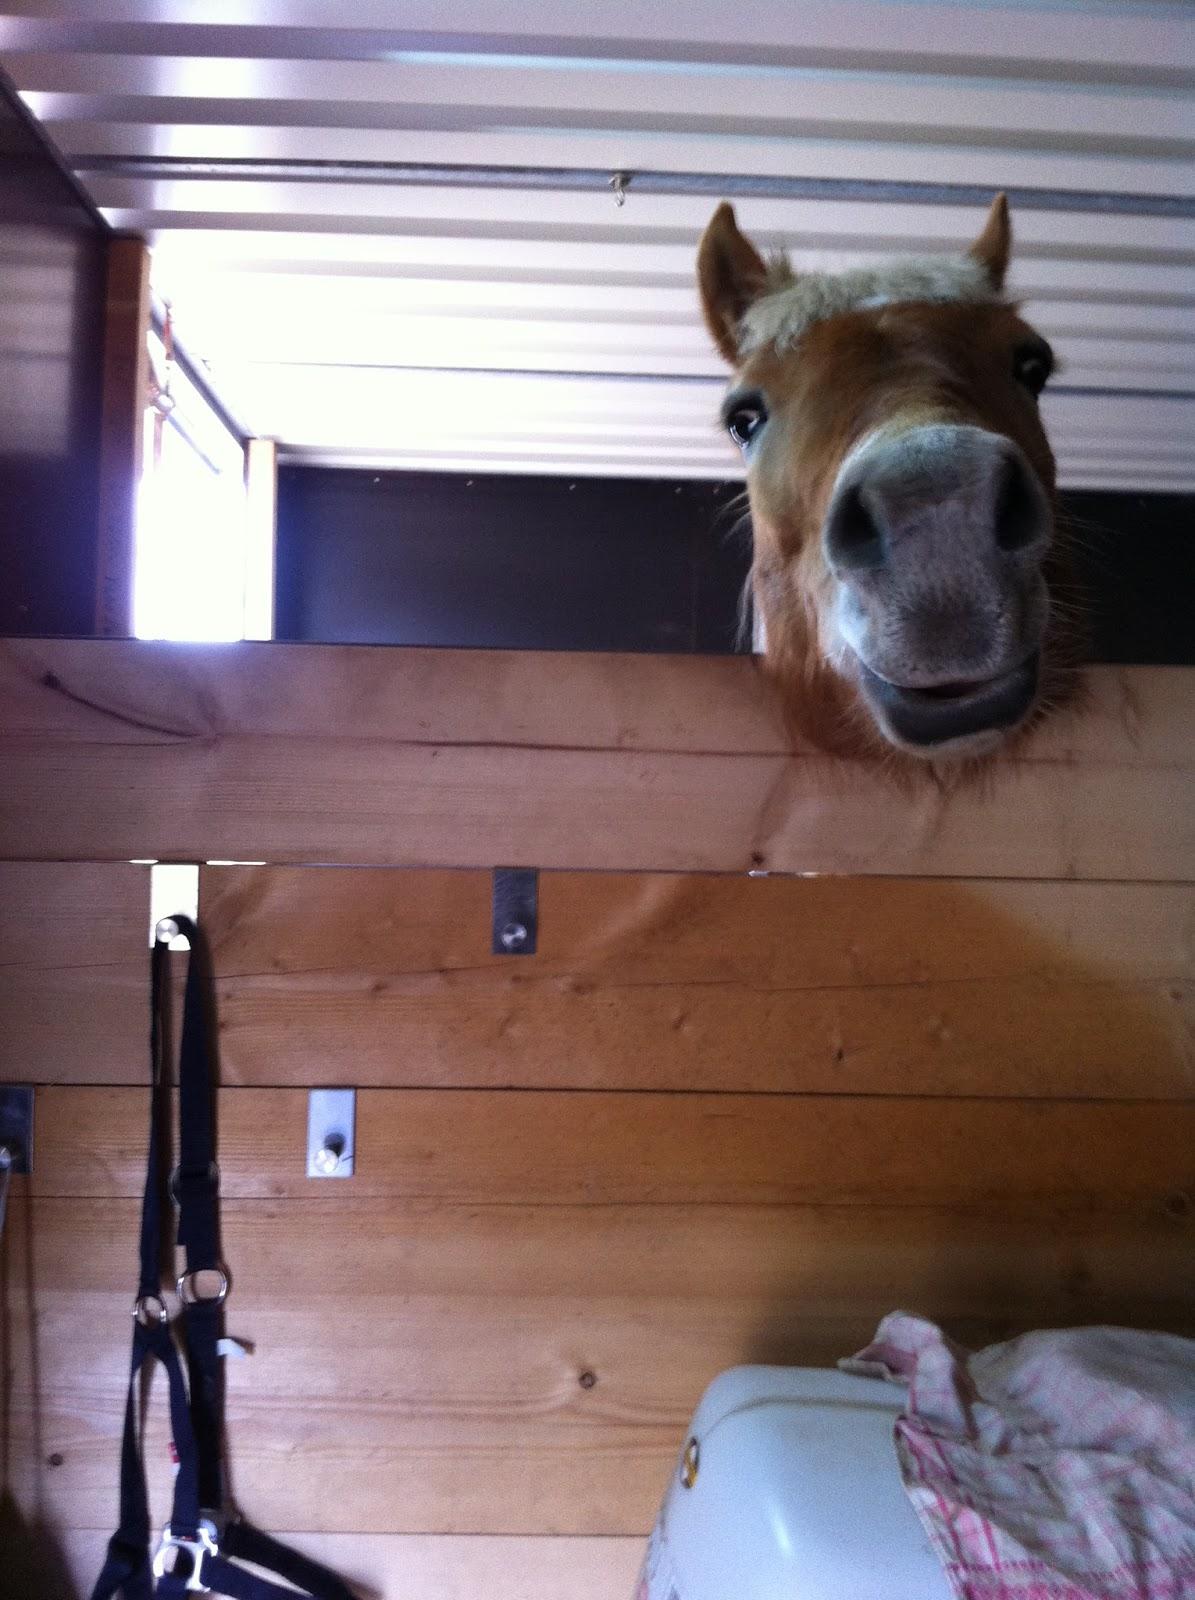 mein weg zum traumpferd: ikea im stall